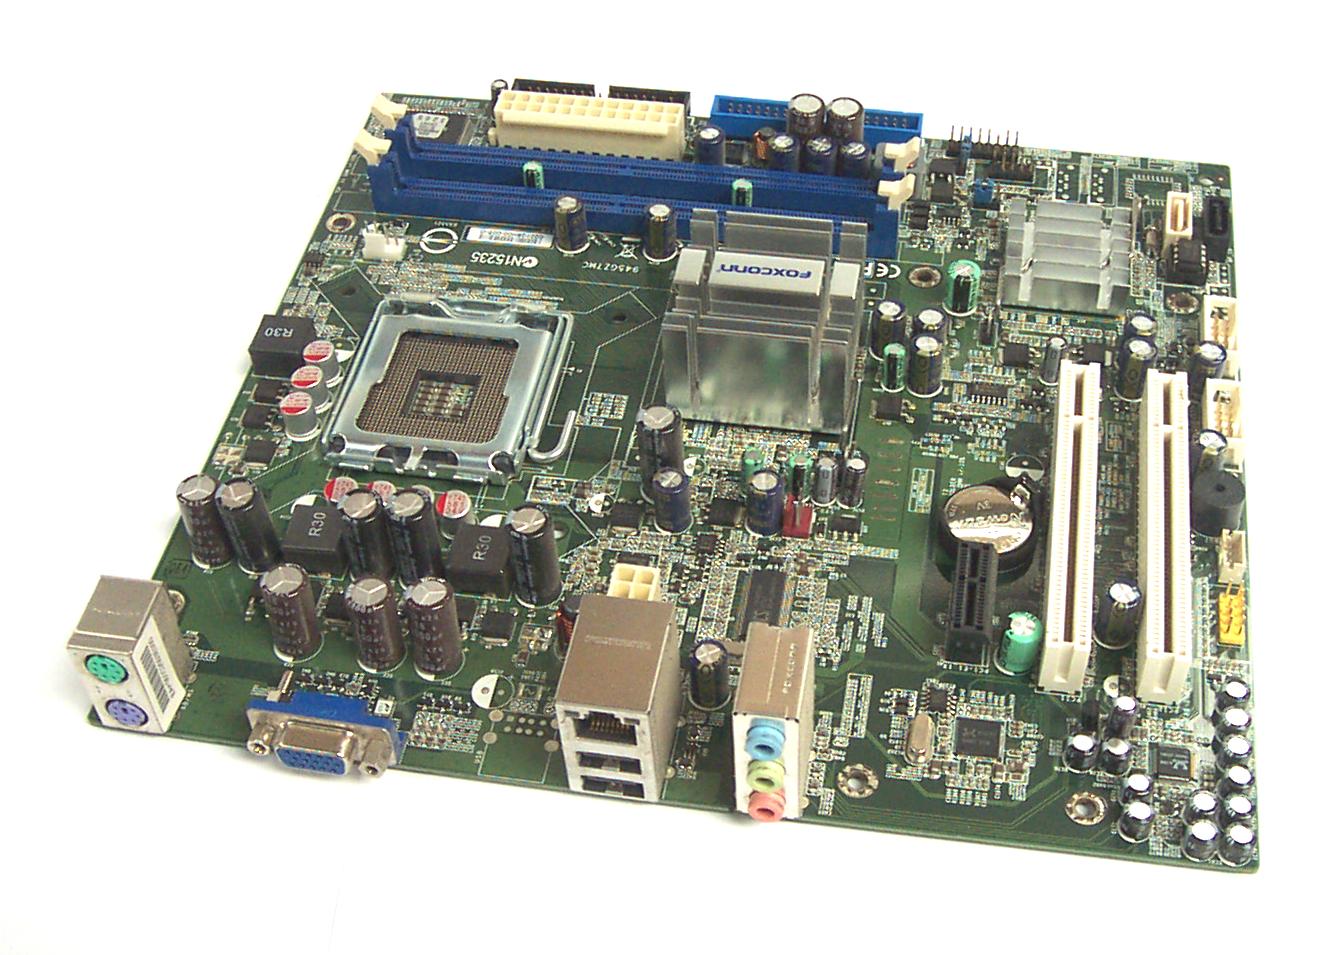 FOXCONN MOTHERBOARD 945GZ7MC TREIBER HERUNTERLADEN